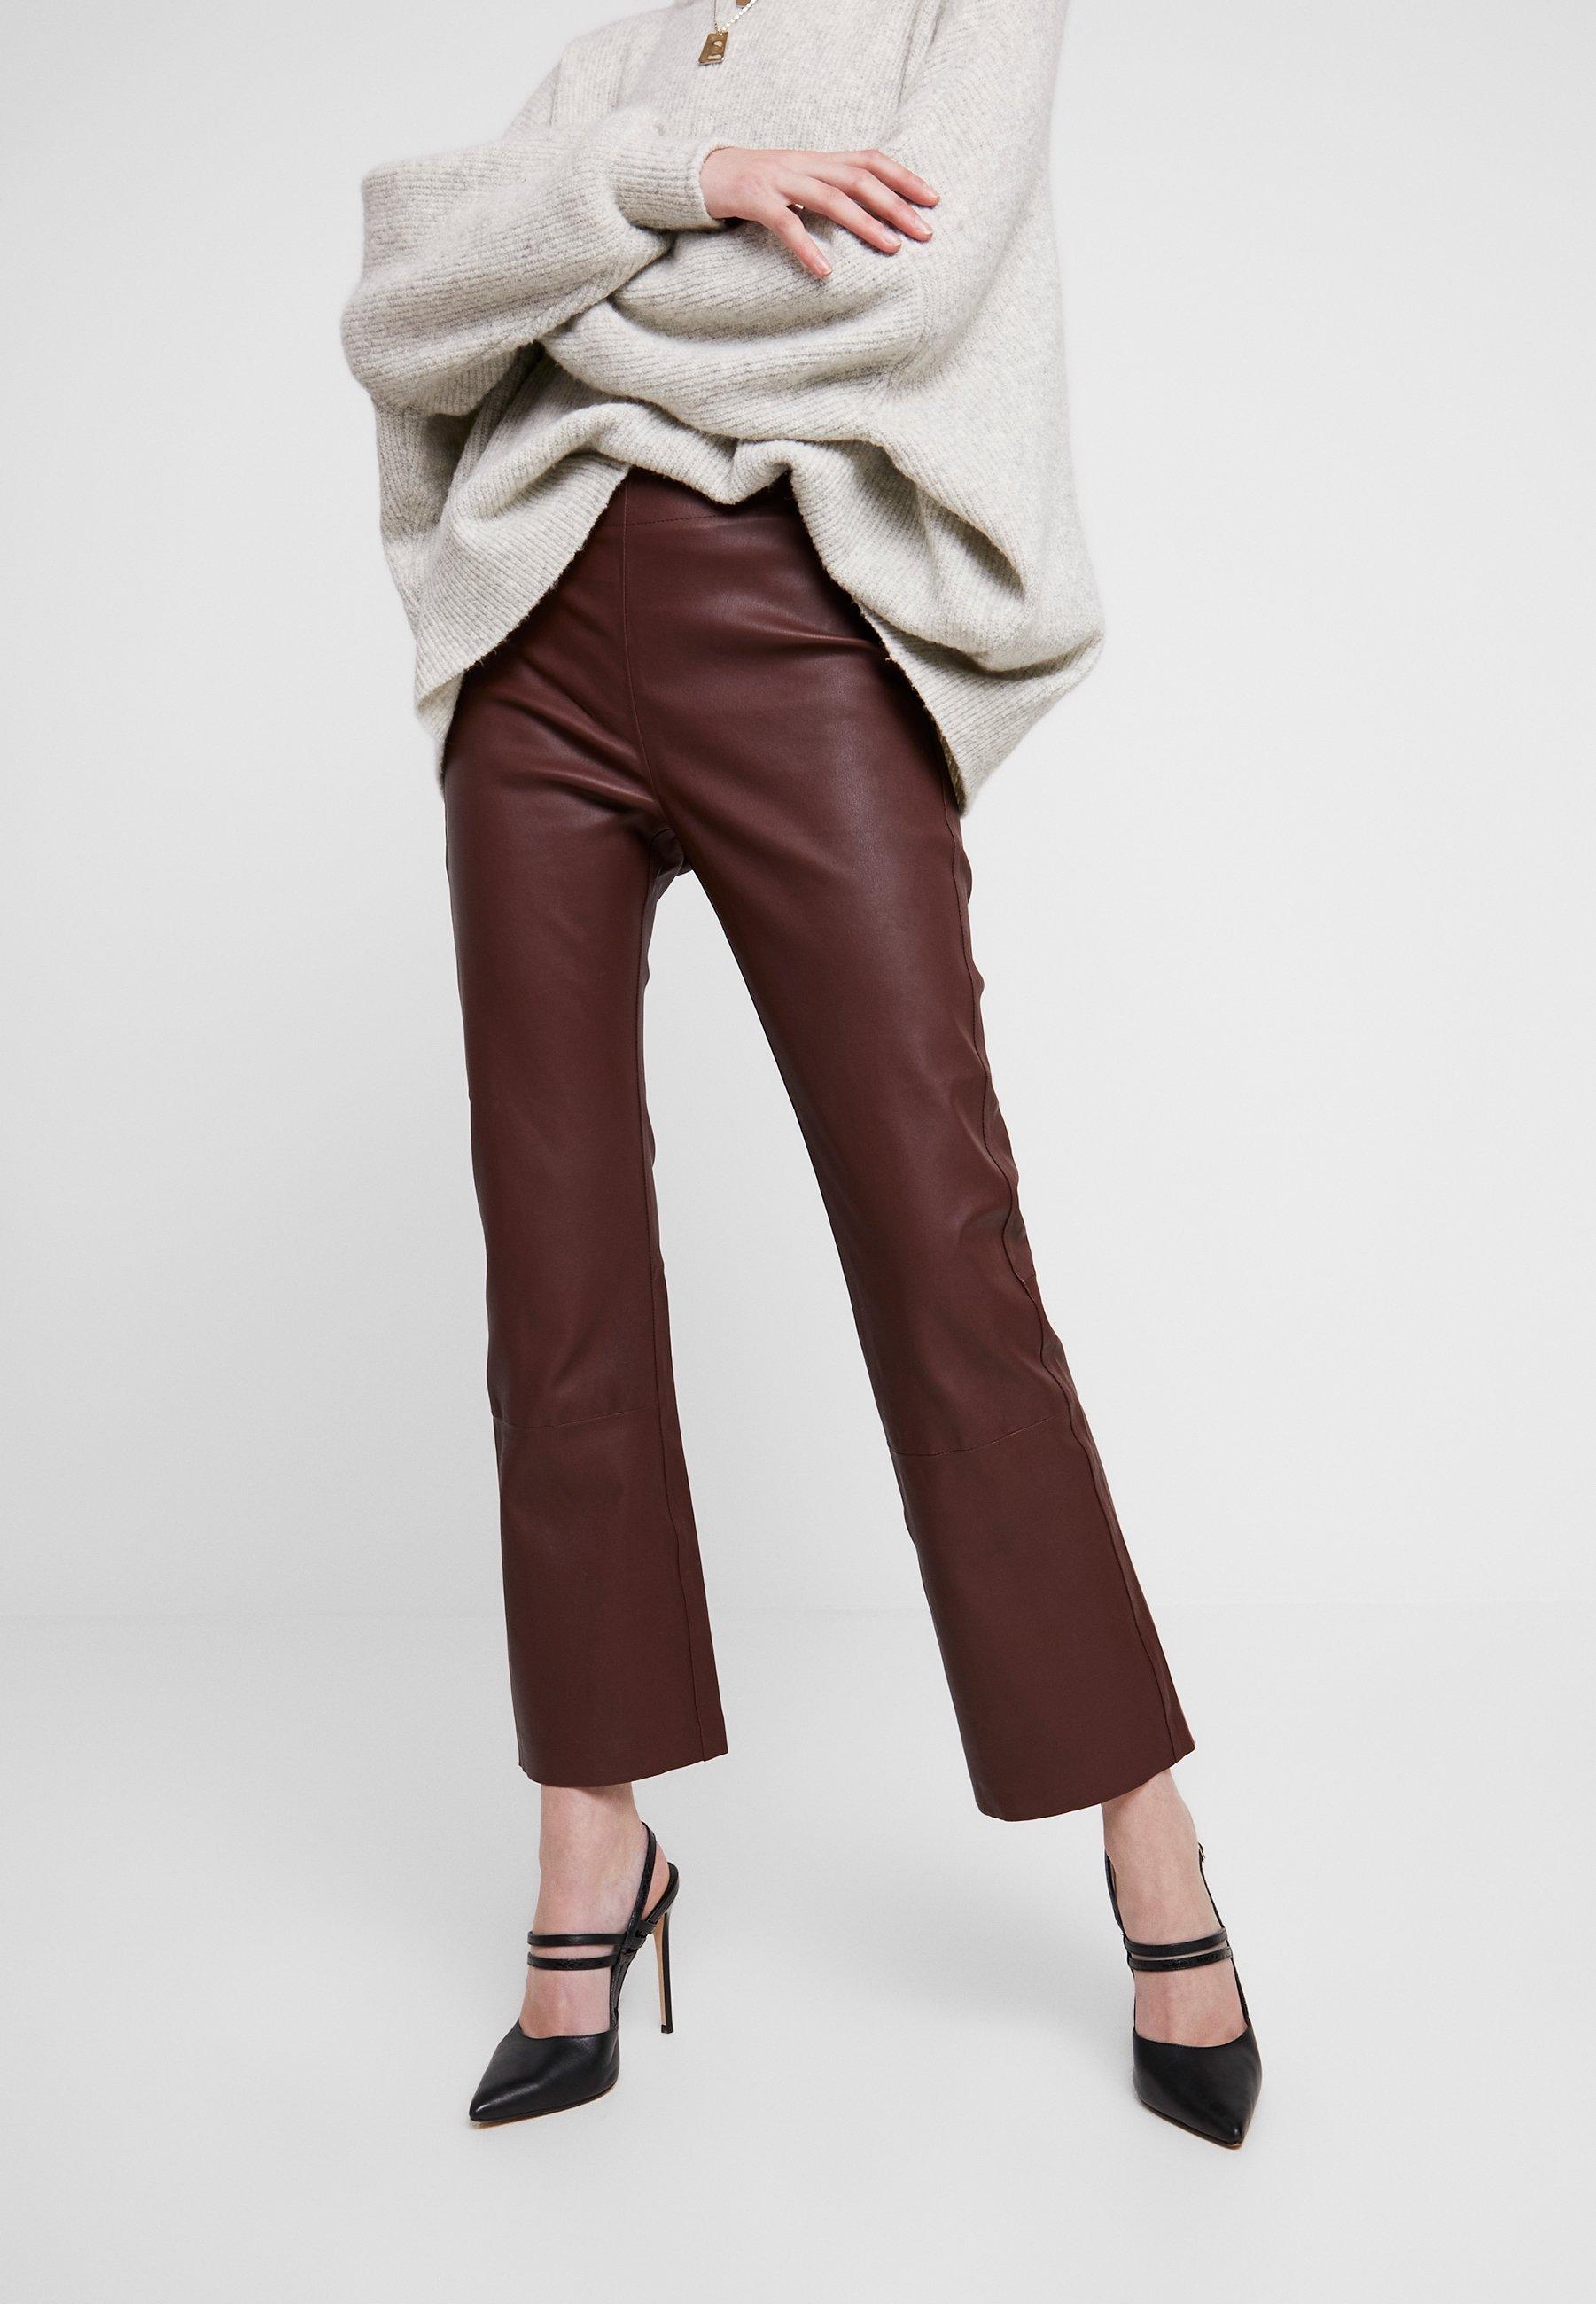 Brune InWear Bukser & shorts | Dame | Nye bukser på nett hos